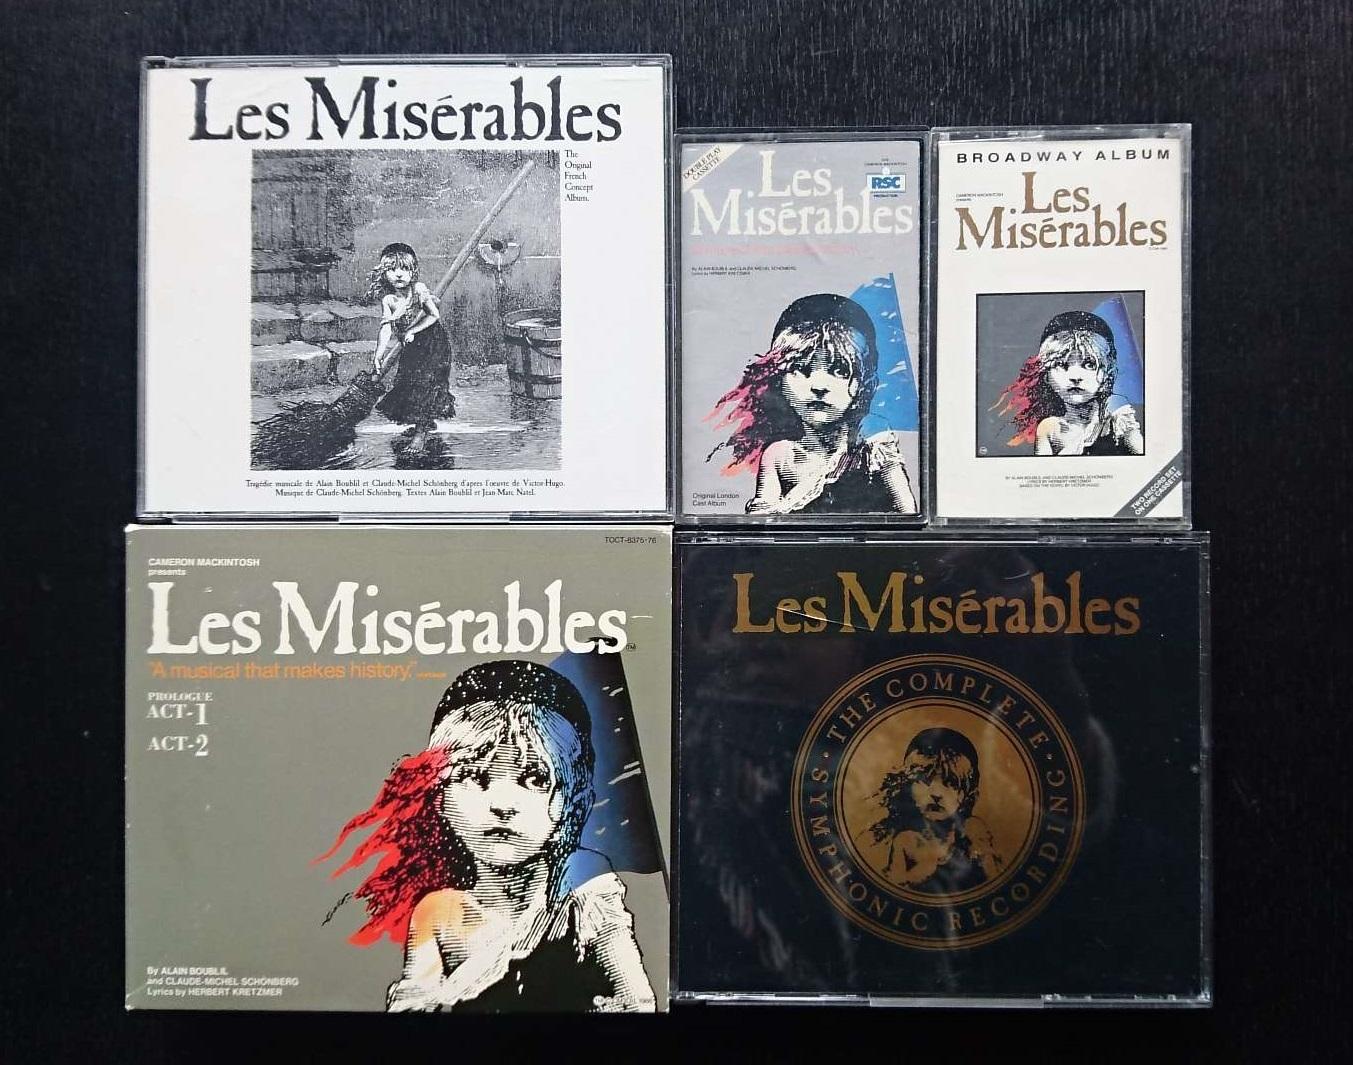 (左上から時計回りに)原型となったフランス版のCD、ロンドン版とブロードウェイ版のカセット、1988年に録音されたインターナショナルキャスト盤、1994年日本版のCD